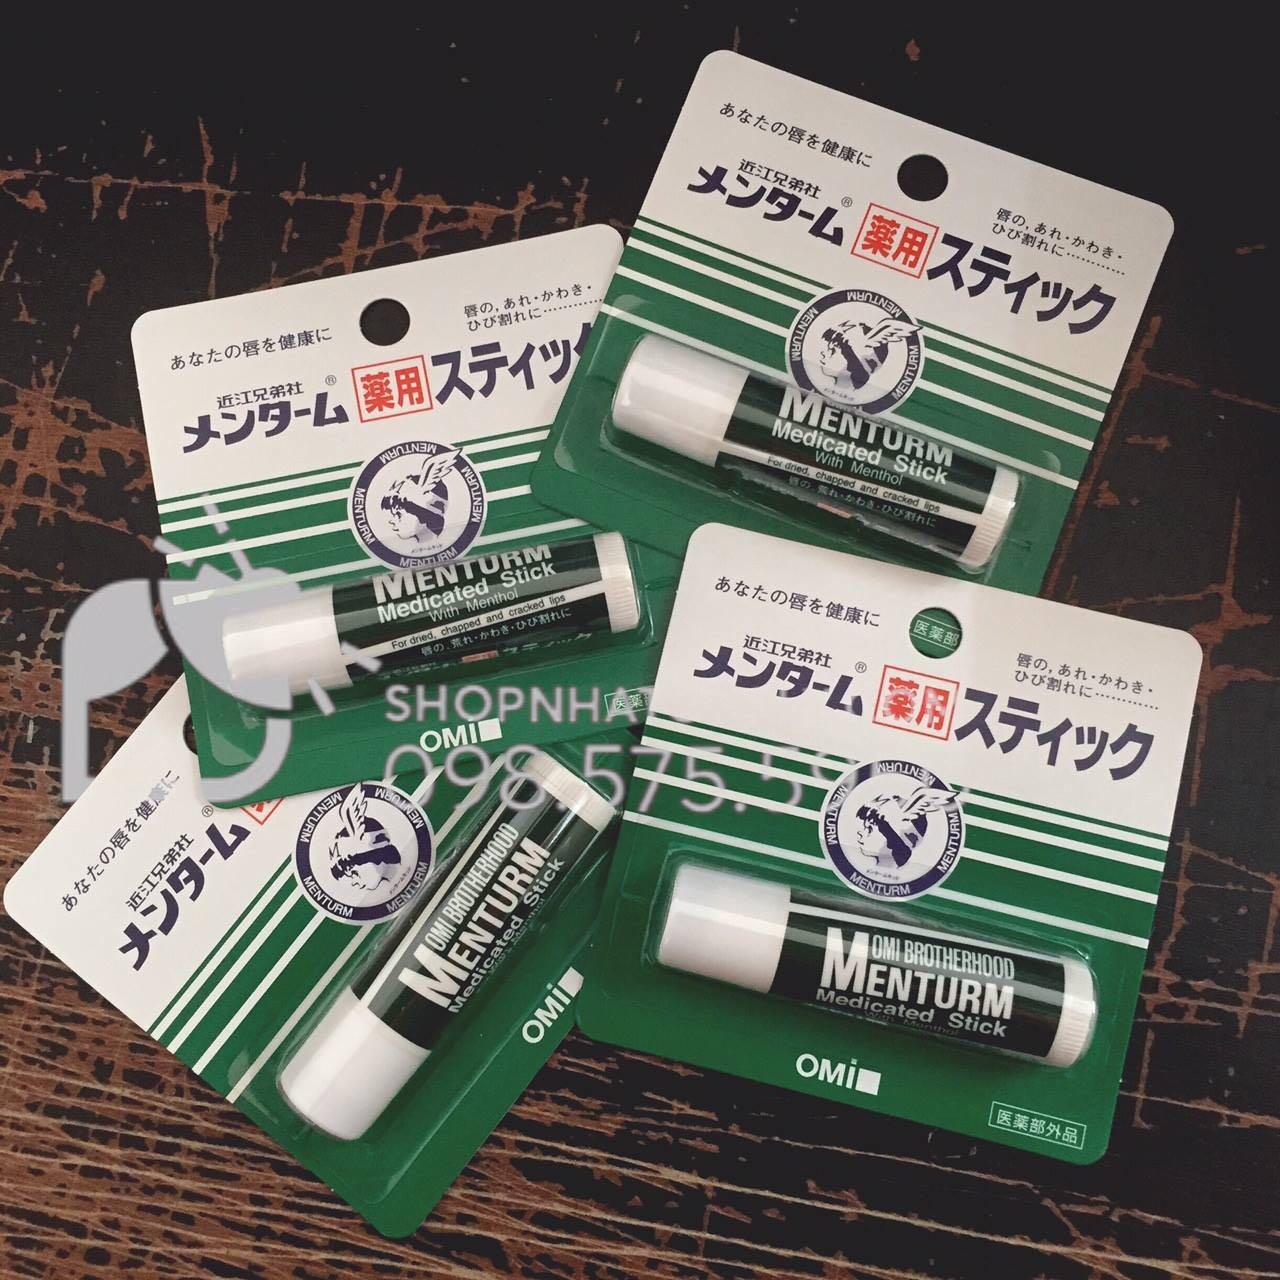 Review son dưỡng omi menturm: Giá siêu rẻ, hiệu quả gấp nhiều lần so với giá thành. Là son dưỡng môi Nhật đáng sở hữu nhất